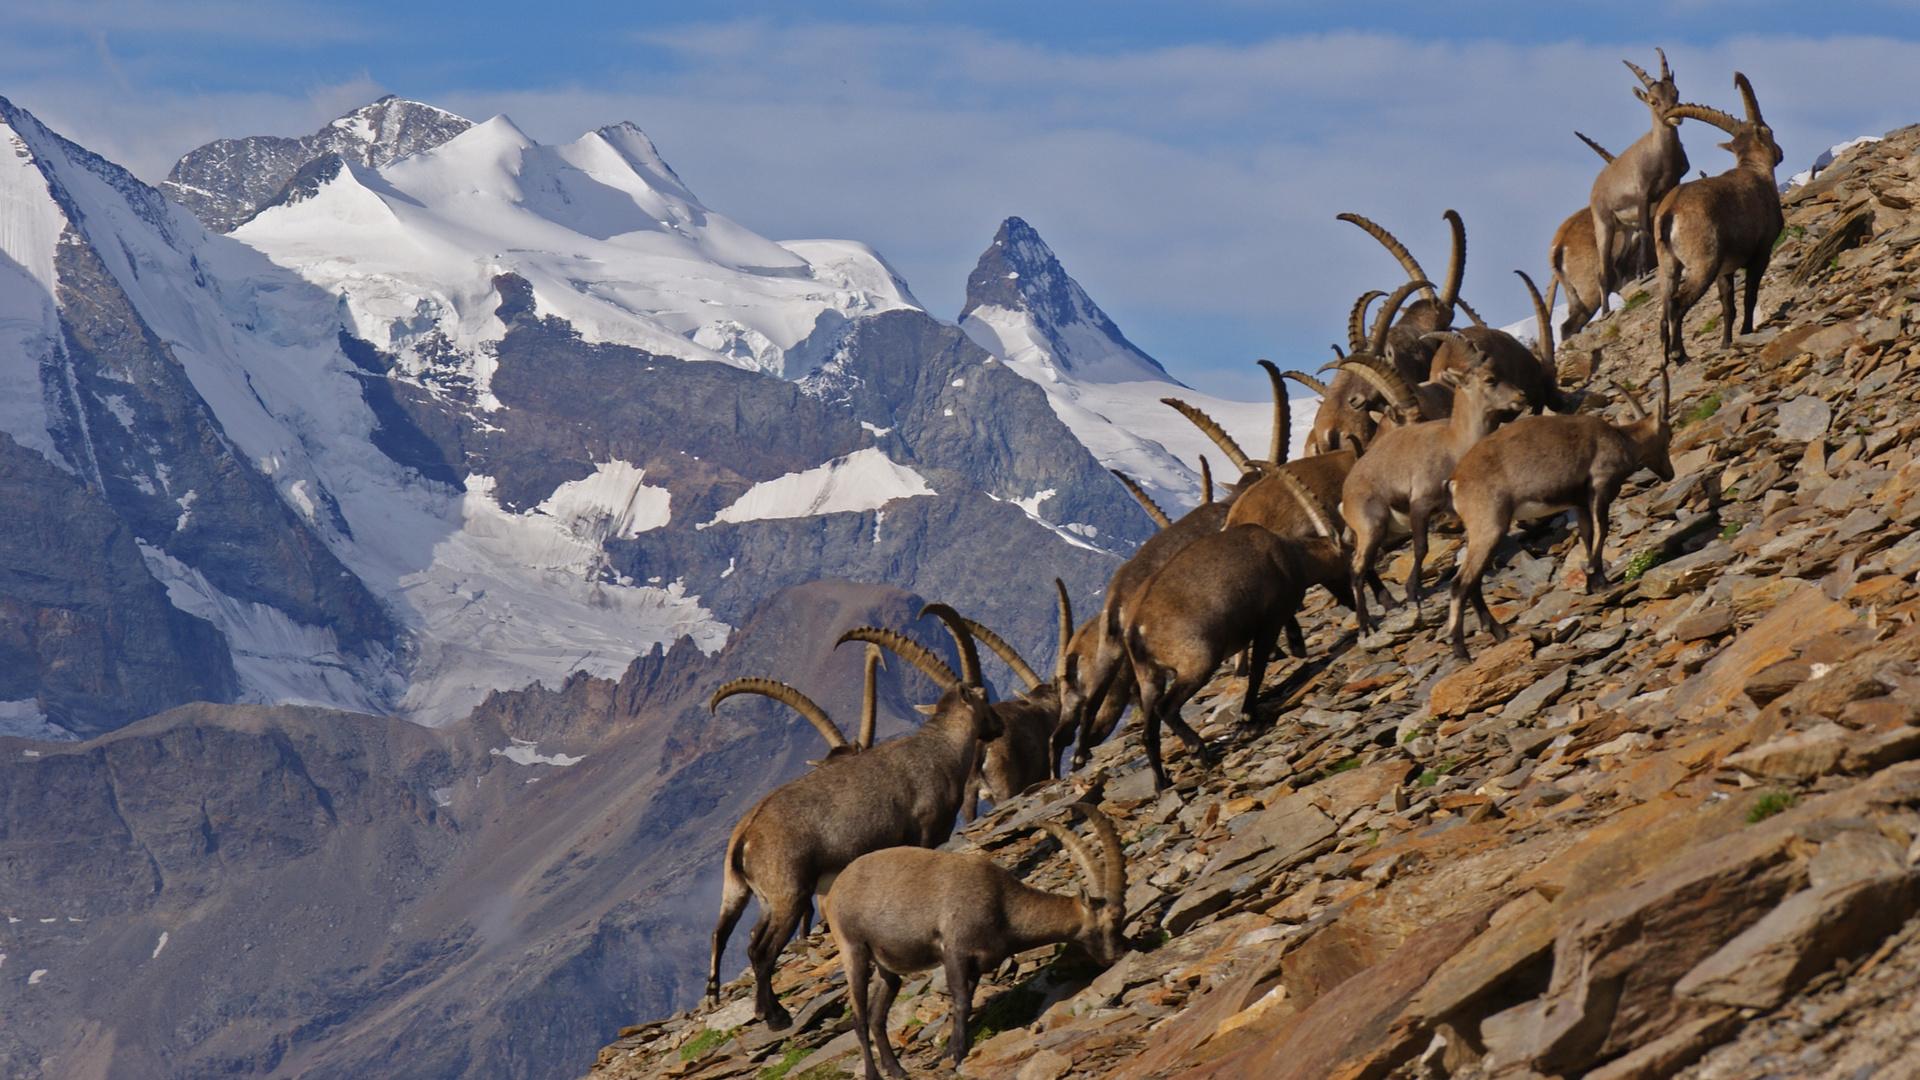 Schaulaufen der Schönheiten - Steinböcke vor dem Bernina Massiv